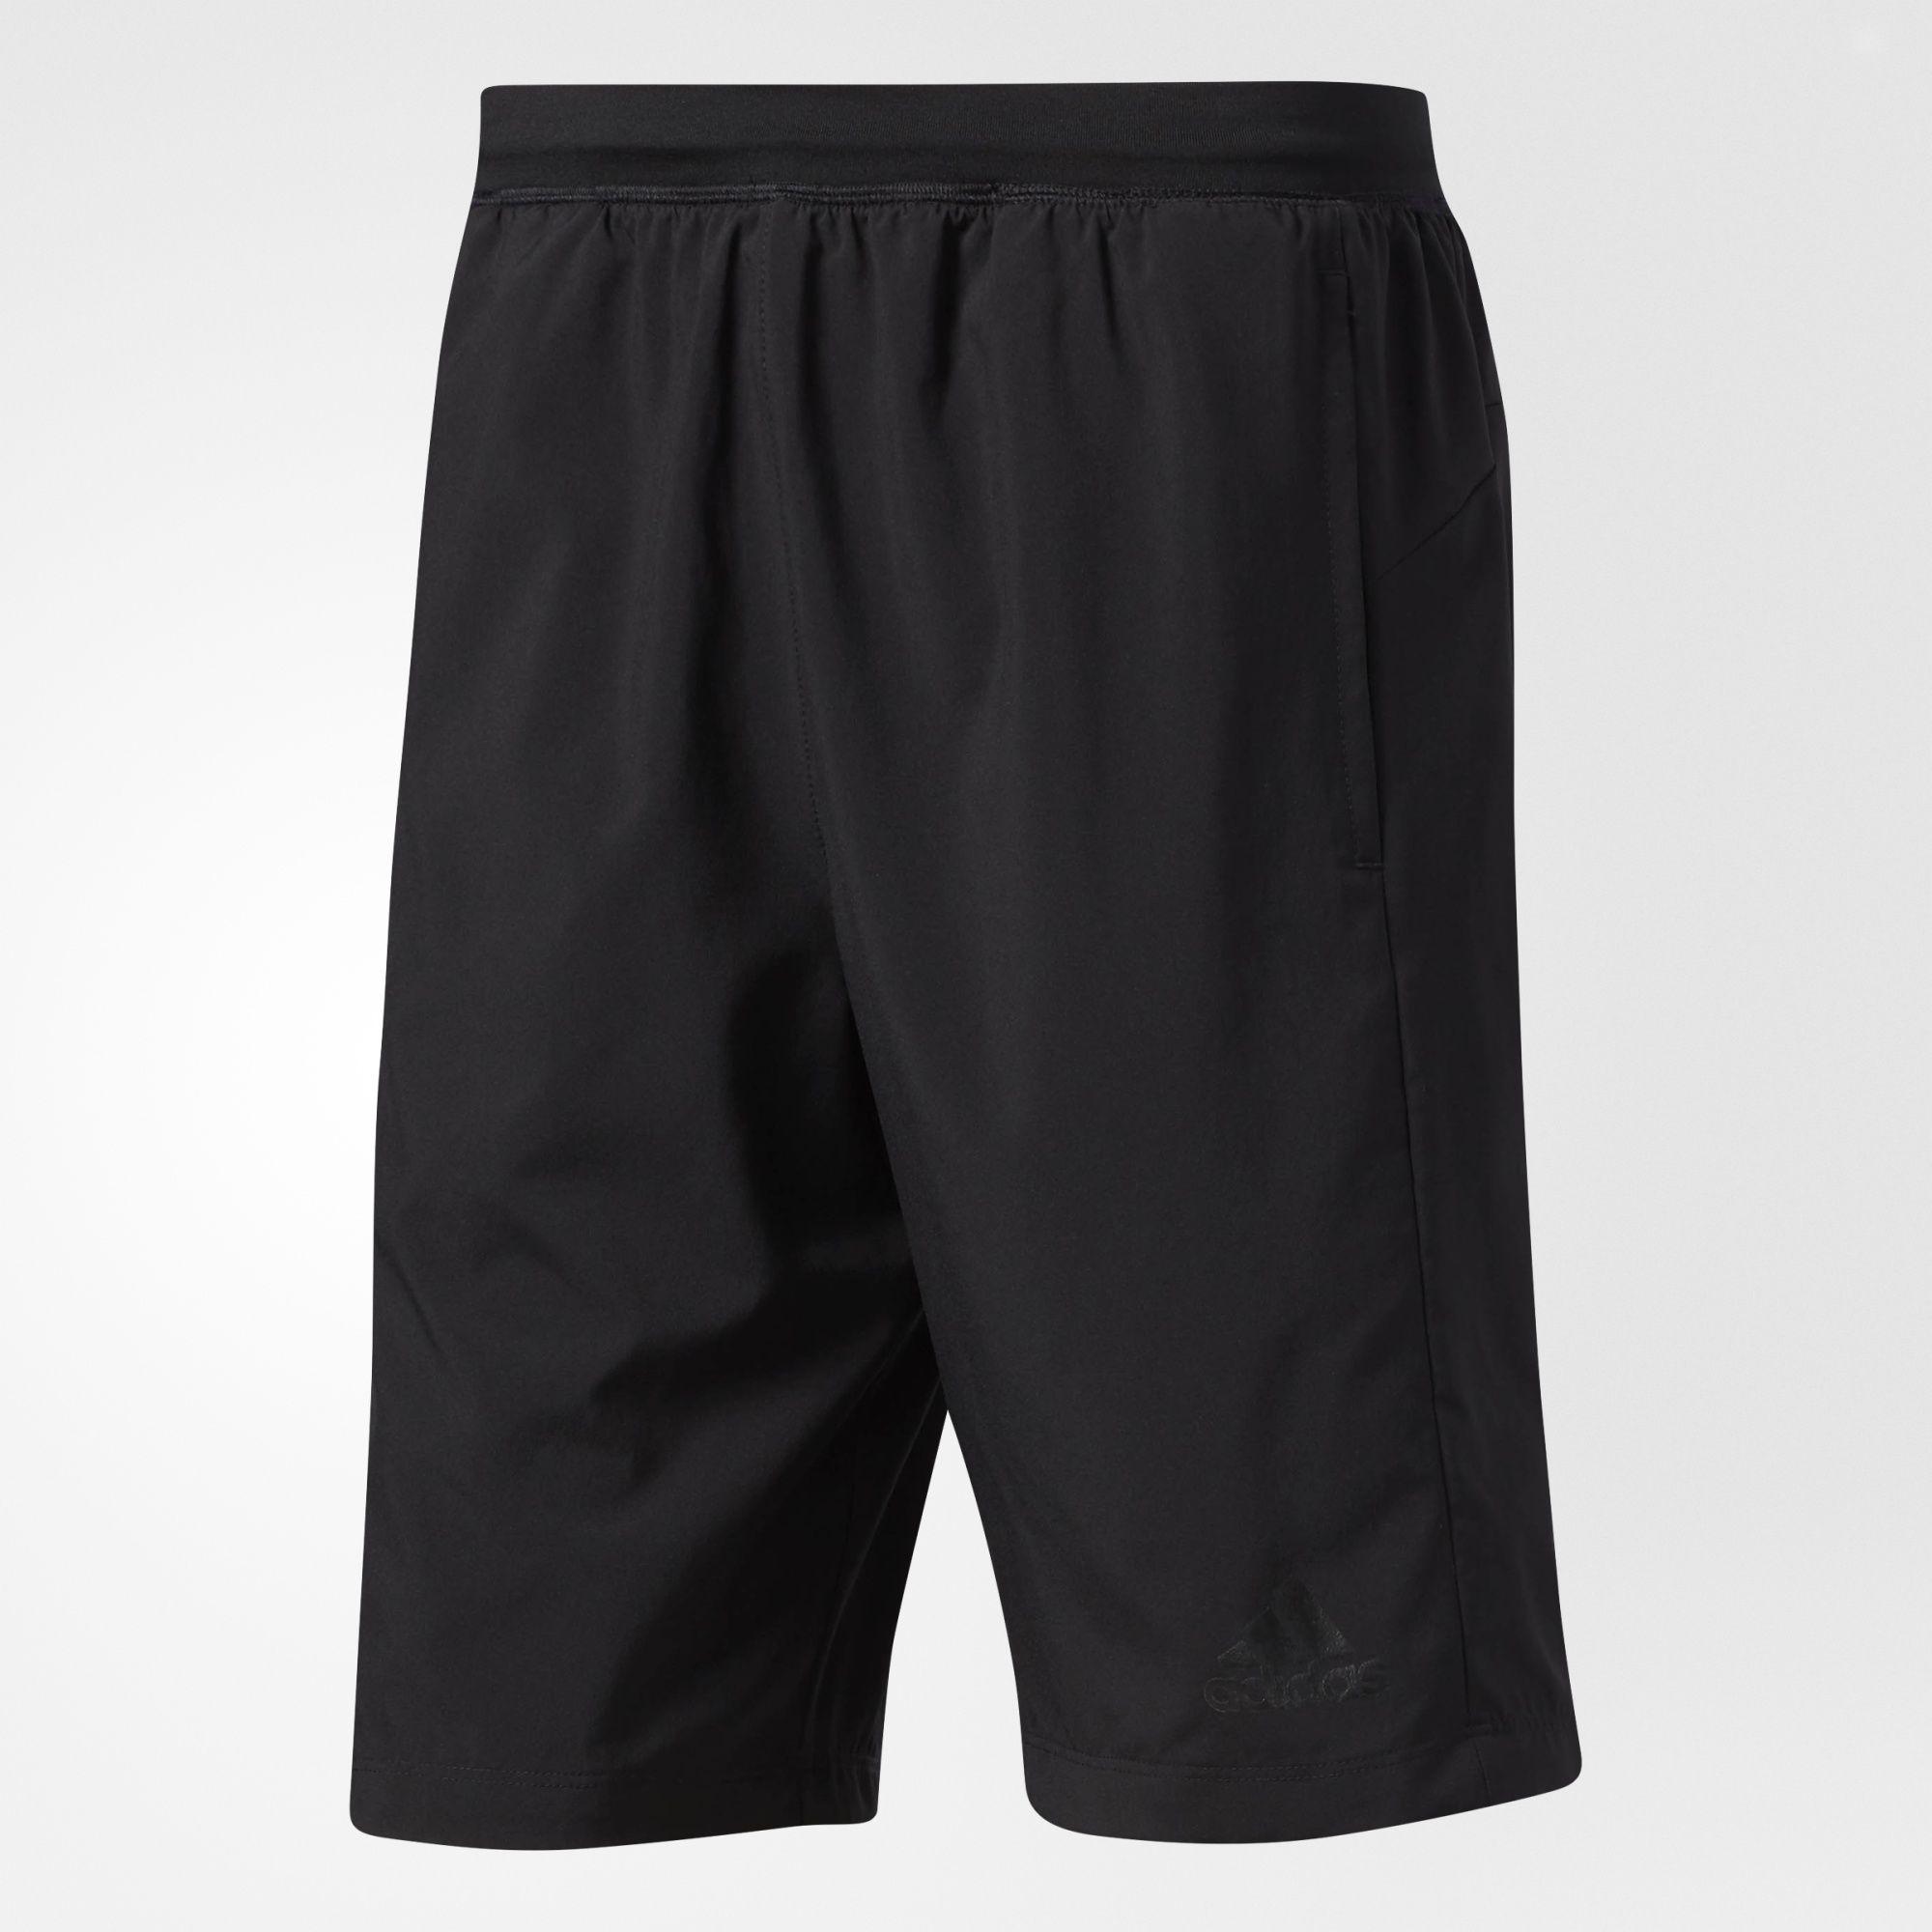 Calção Adidas Esportivo D2M Masculino Adulto